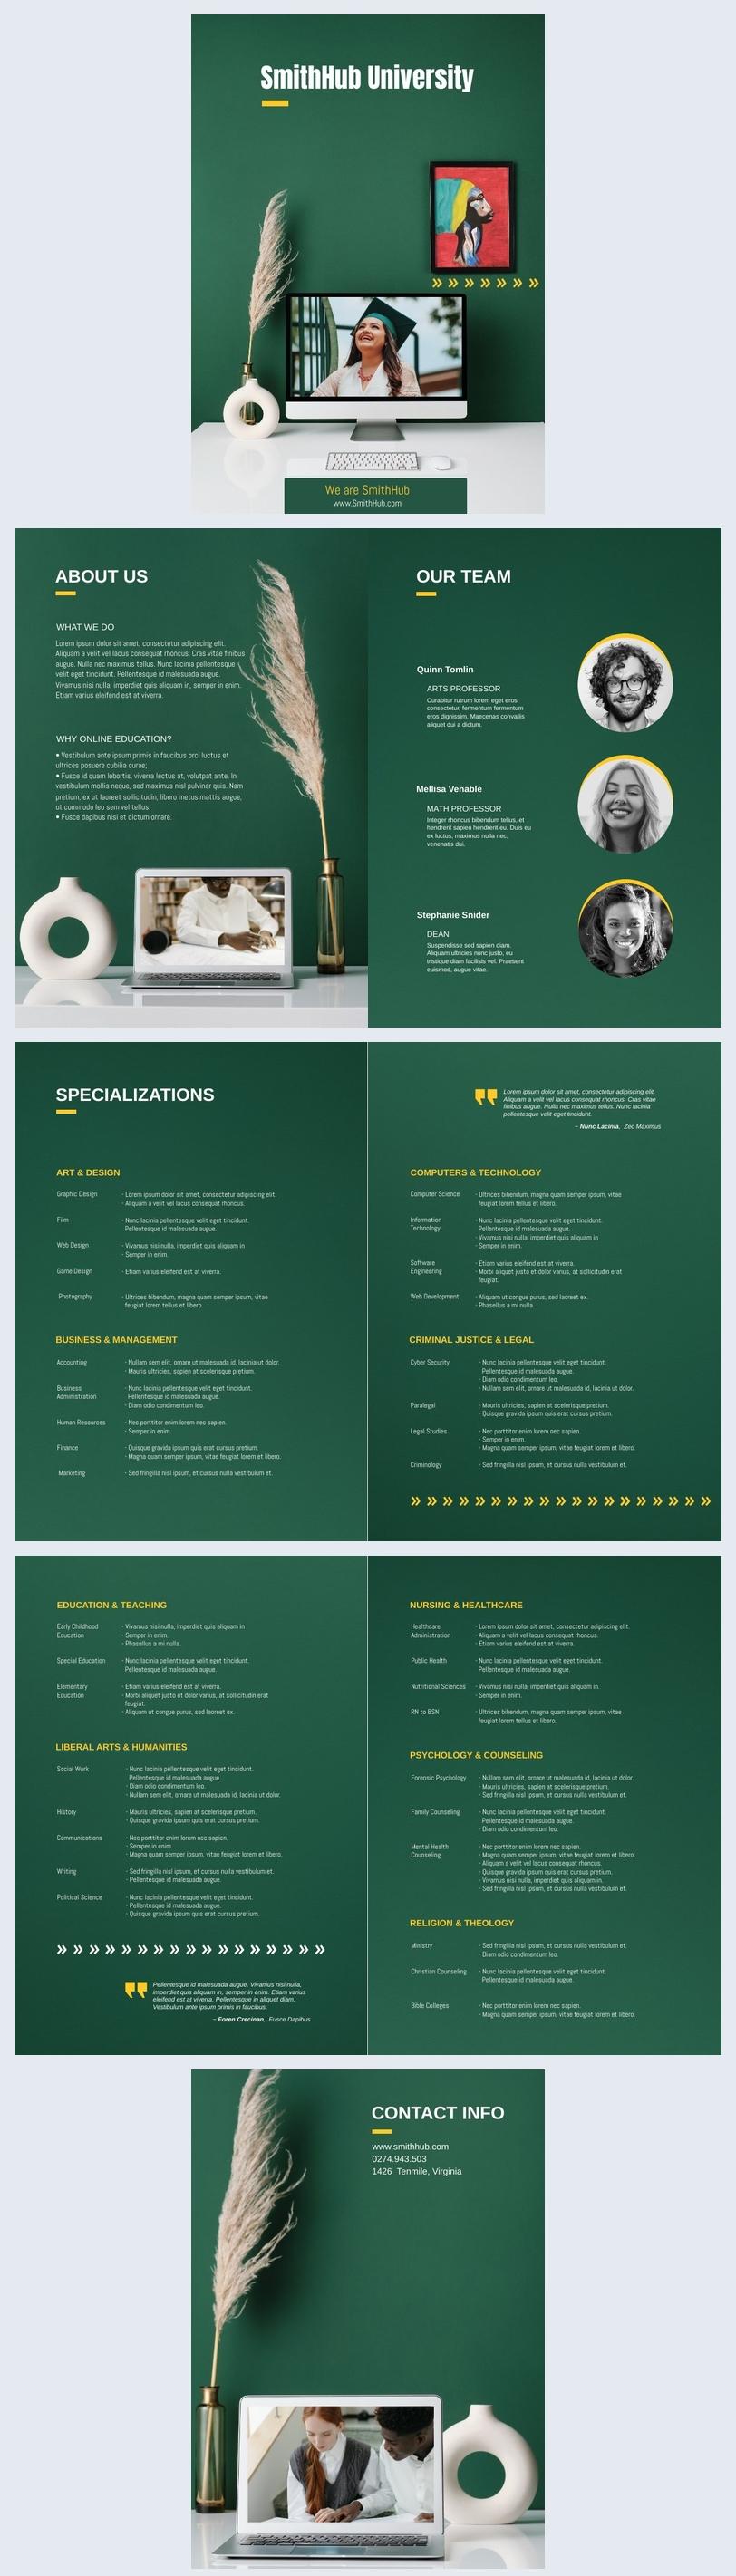 Grafica gratuita e online per brochure universitaria